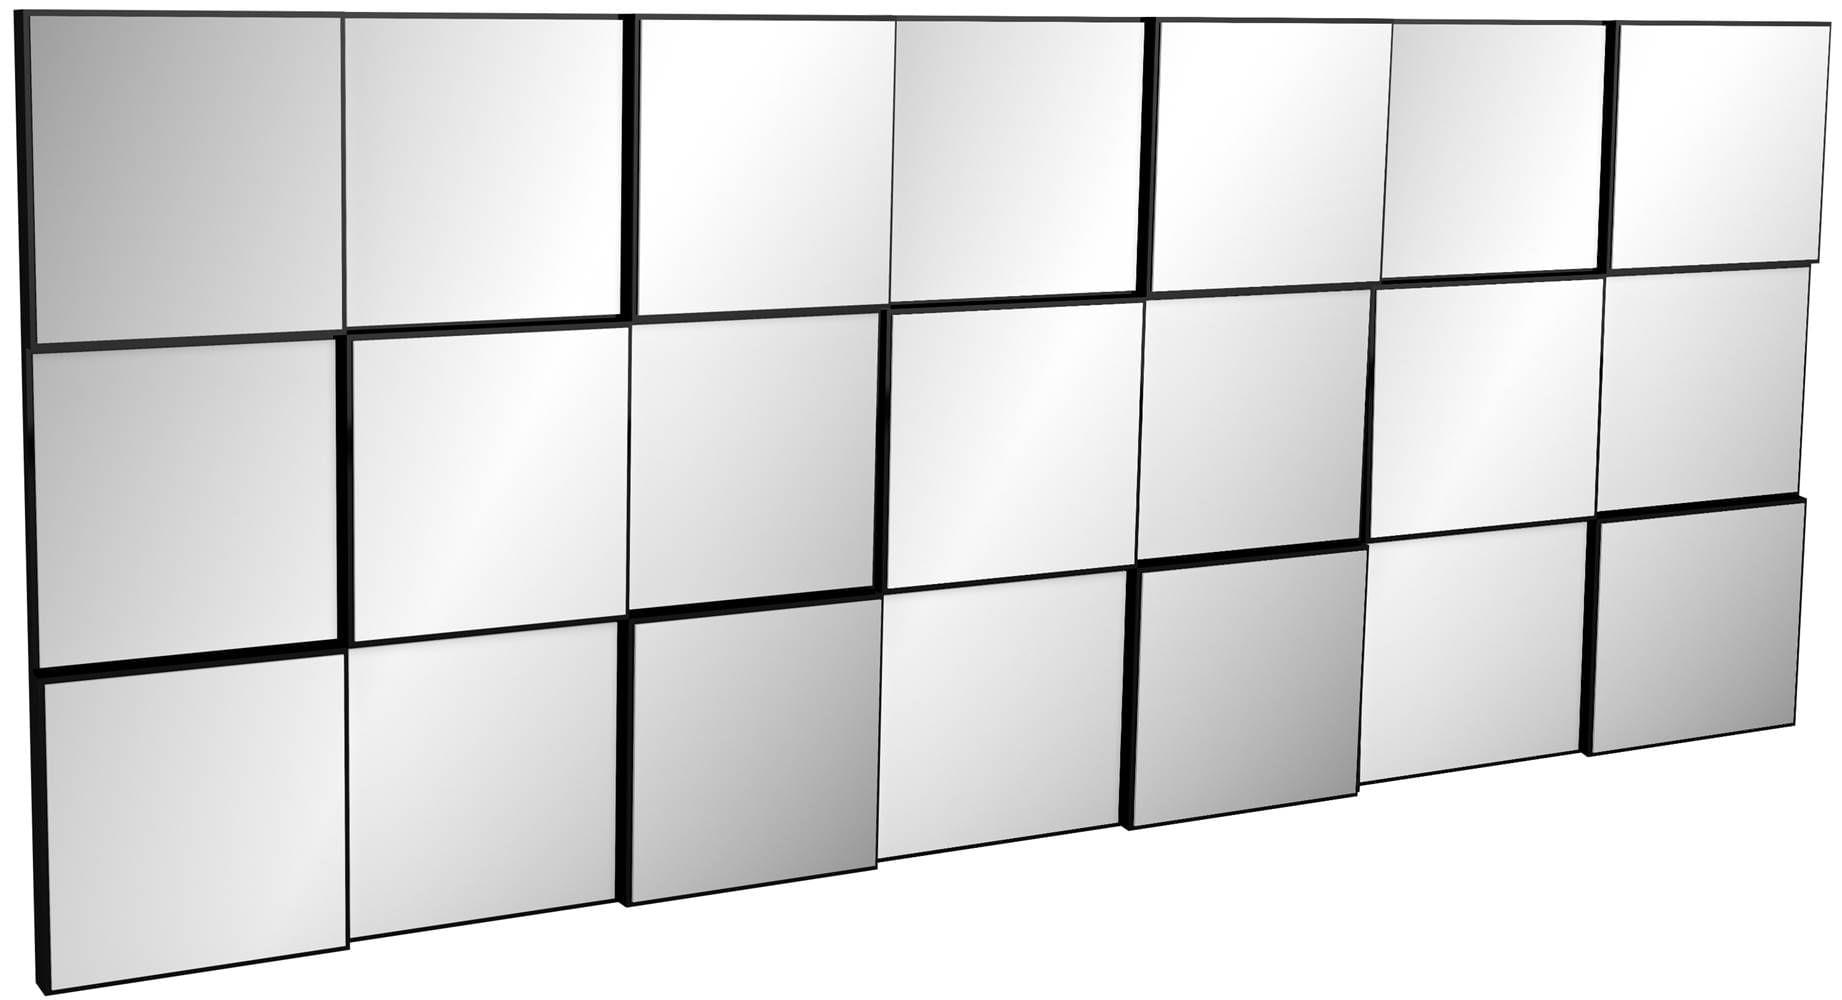 Quadro Espelho Block Extra Grande 1,75 MT (LARG) cor Preto Brilho - 52884